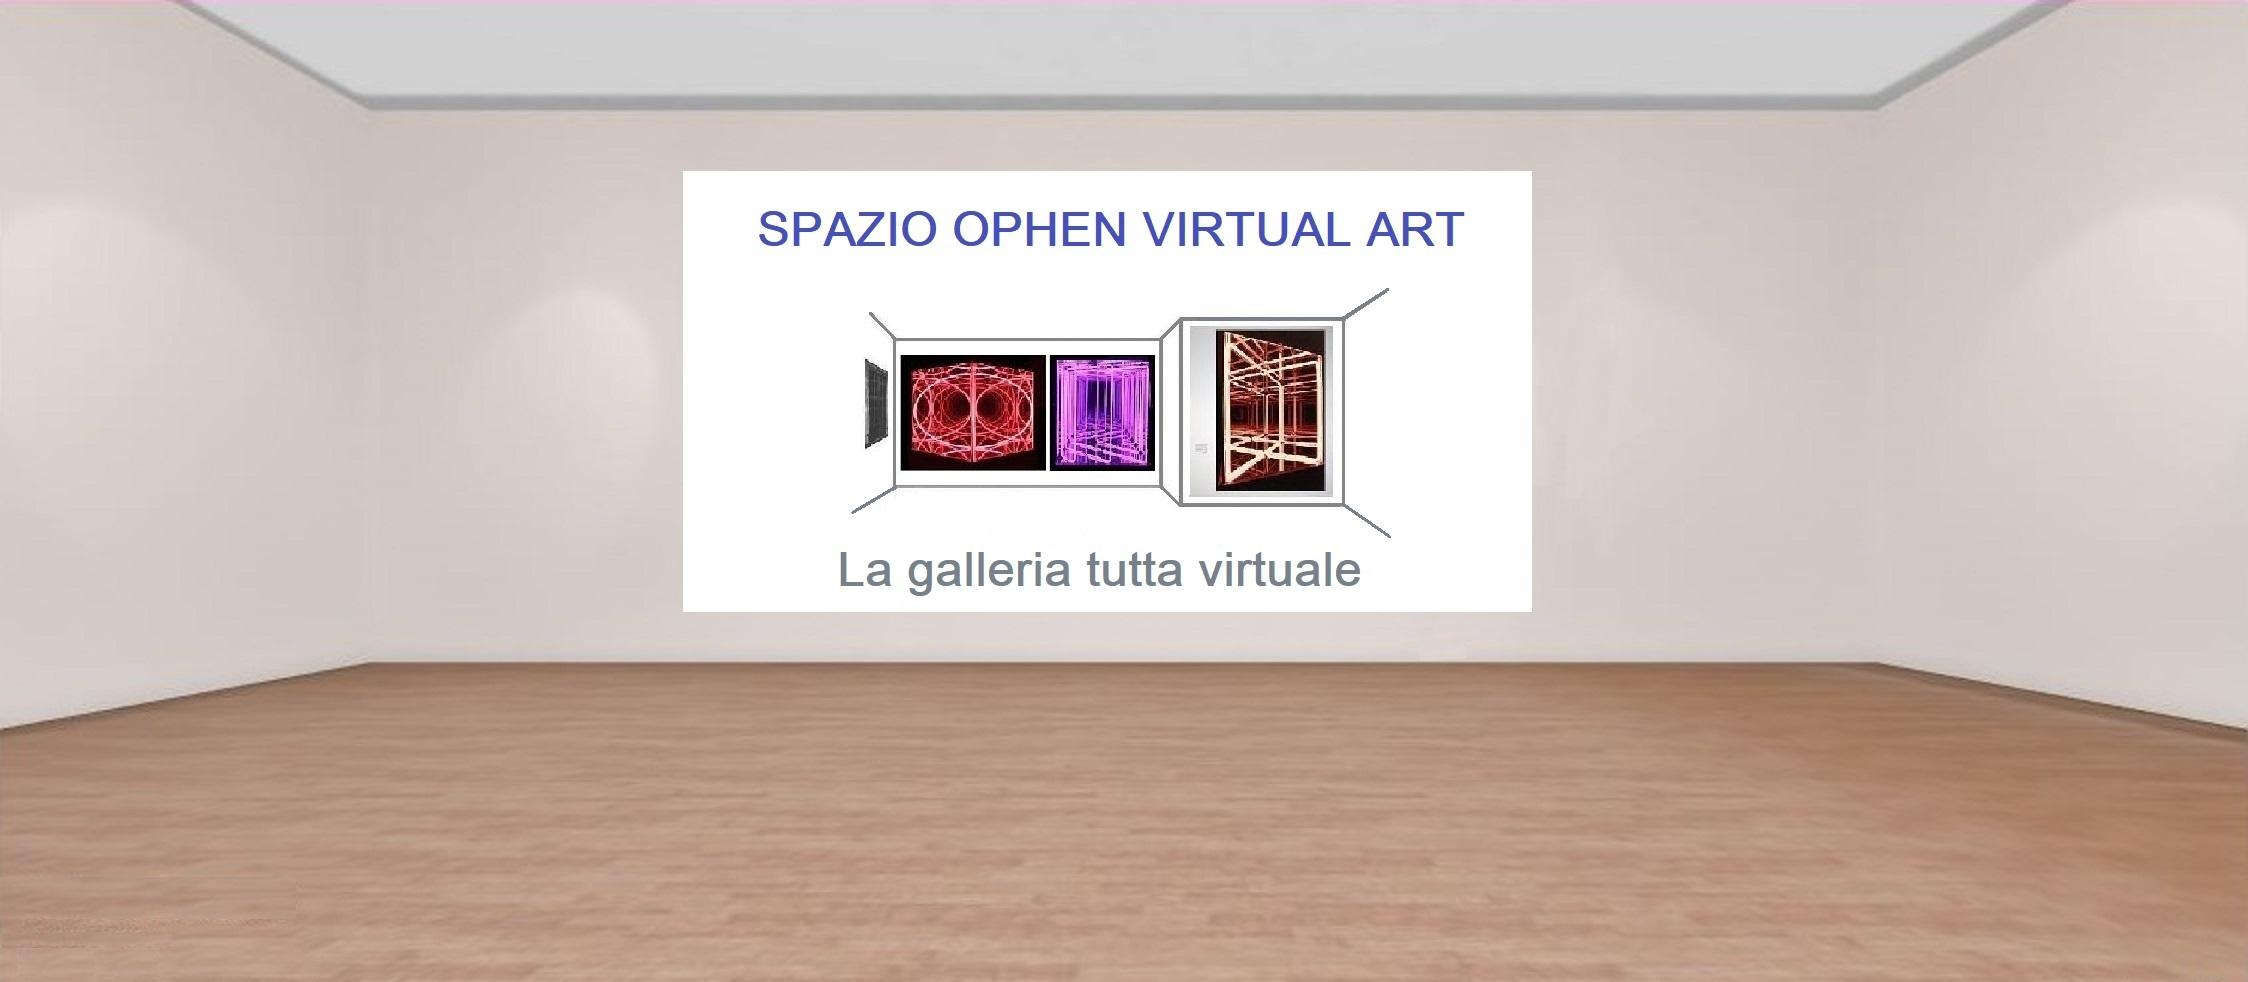 OPHEN VIRTUAL ART